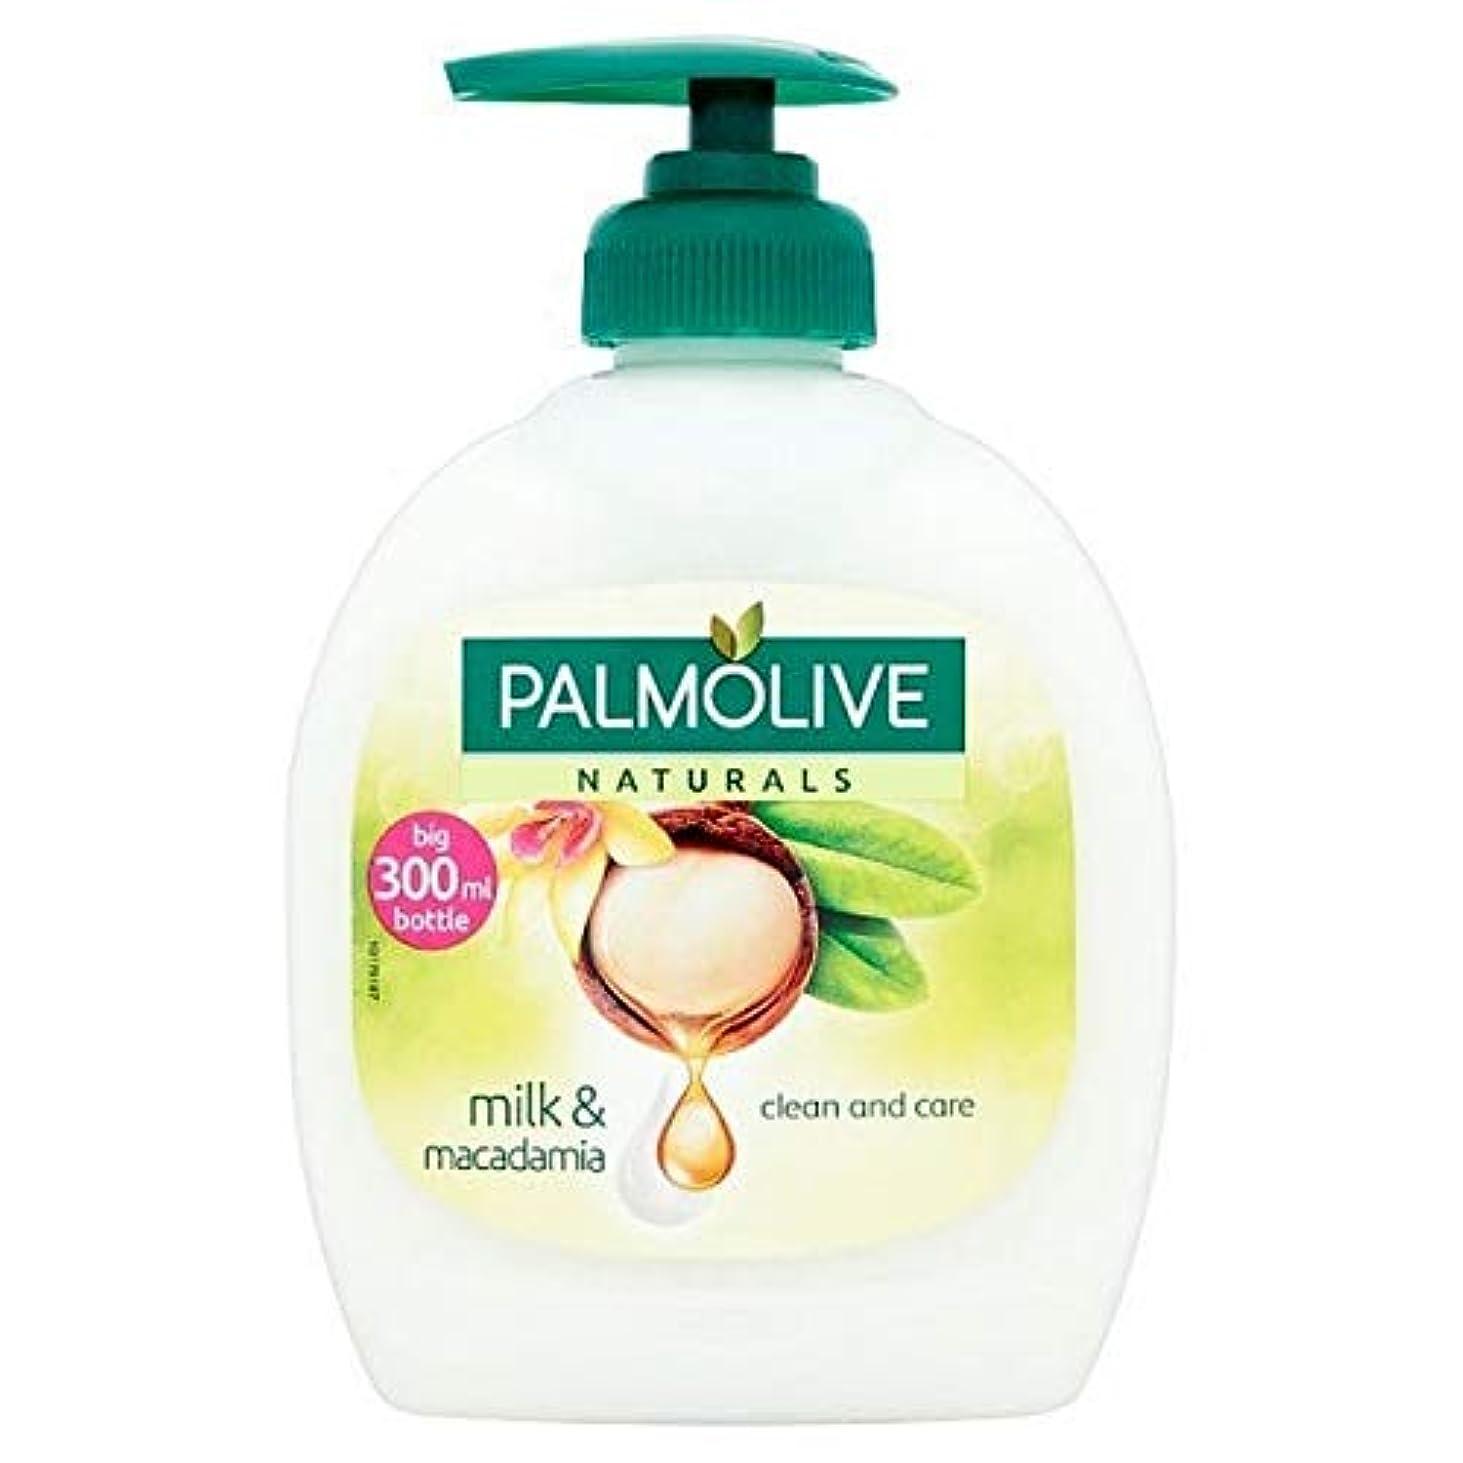 ノベルティすぐに雇用者[Palmolive ] パルモライブナチュラルマカダミア&バニラ液体手洗いの300ミリリットル - Palmolive Naturals Macadamia & Vanilla Liquid Handwash 300ml...